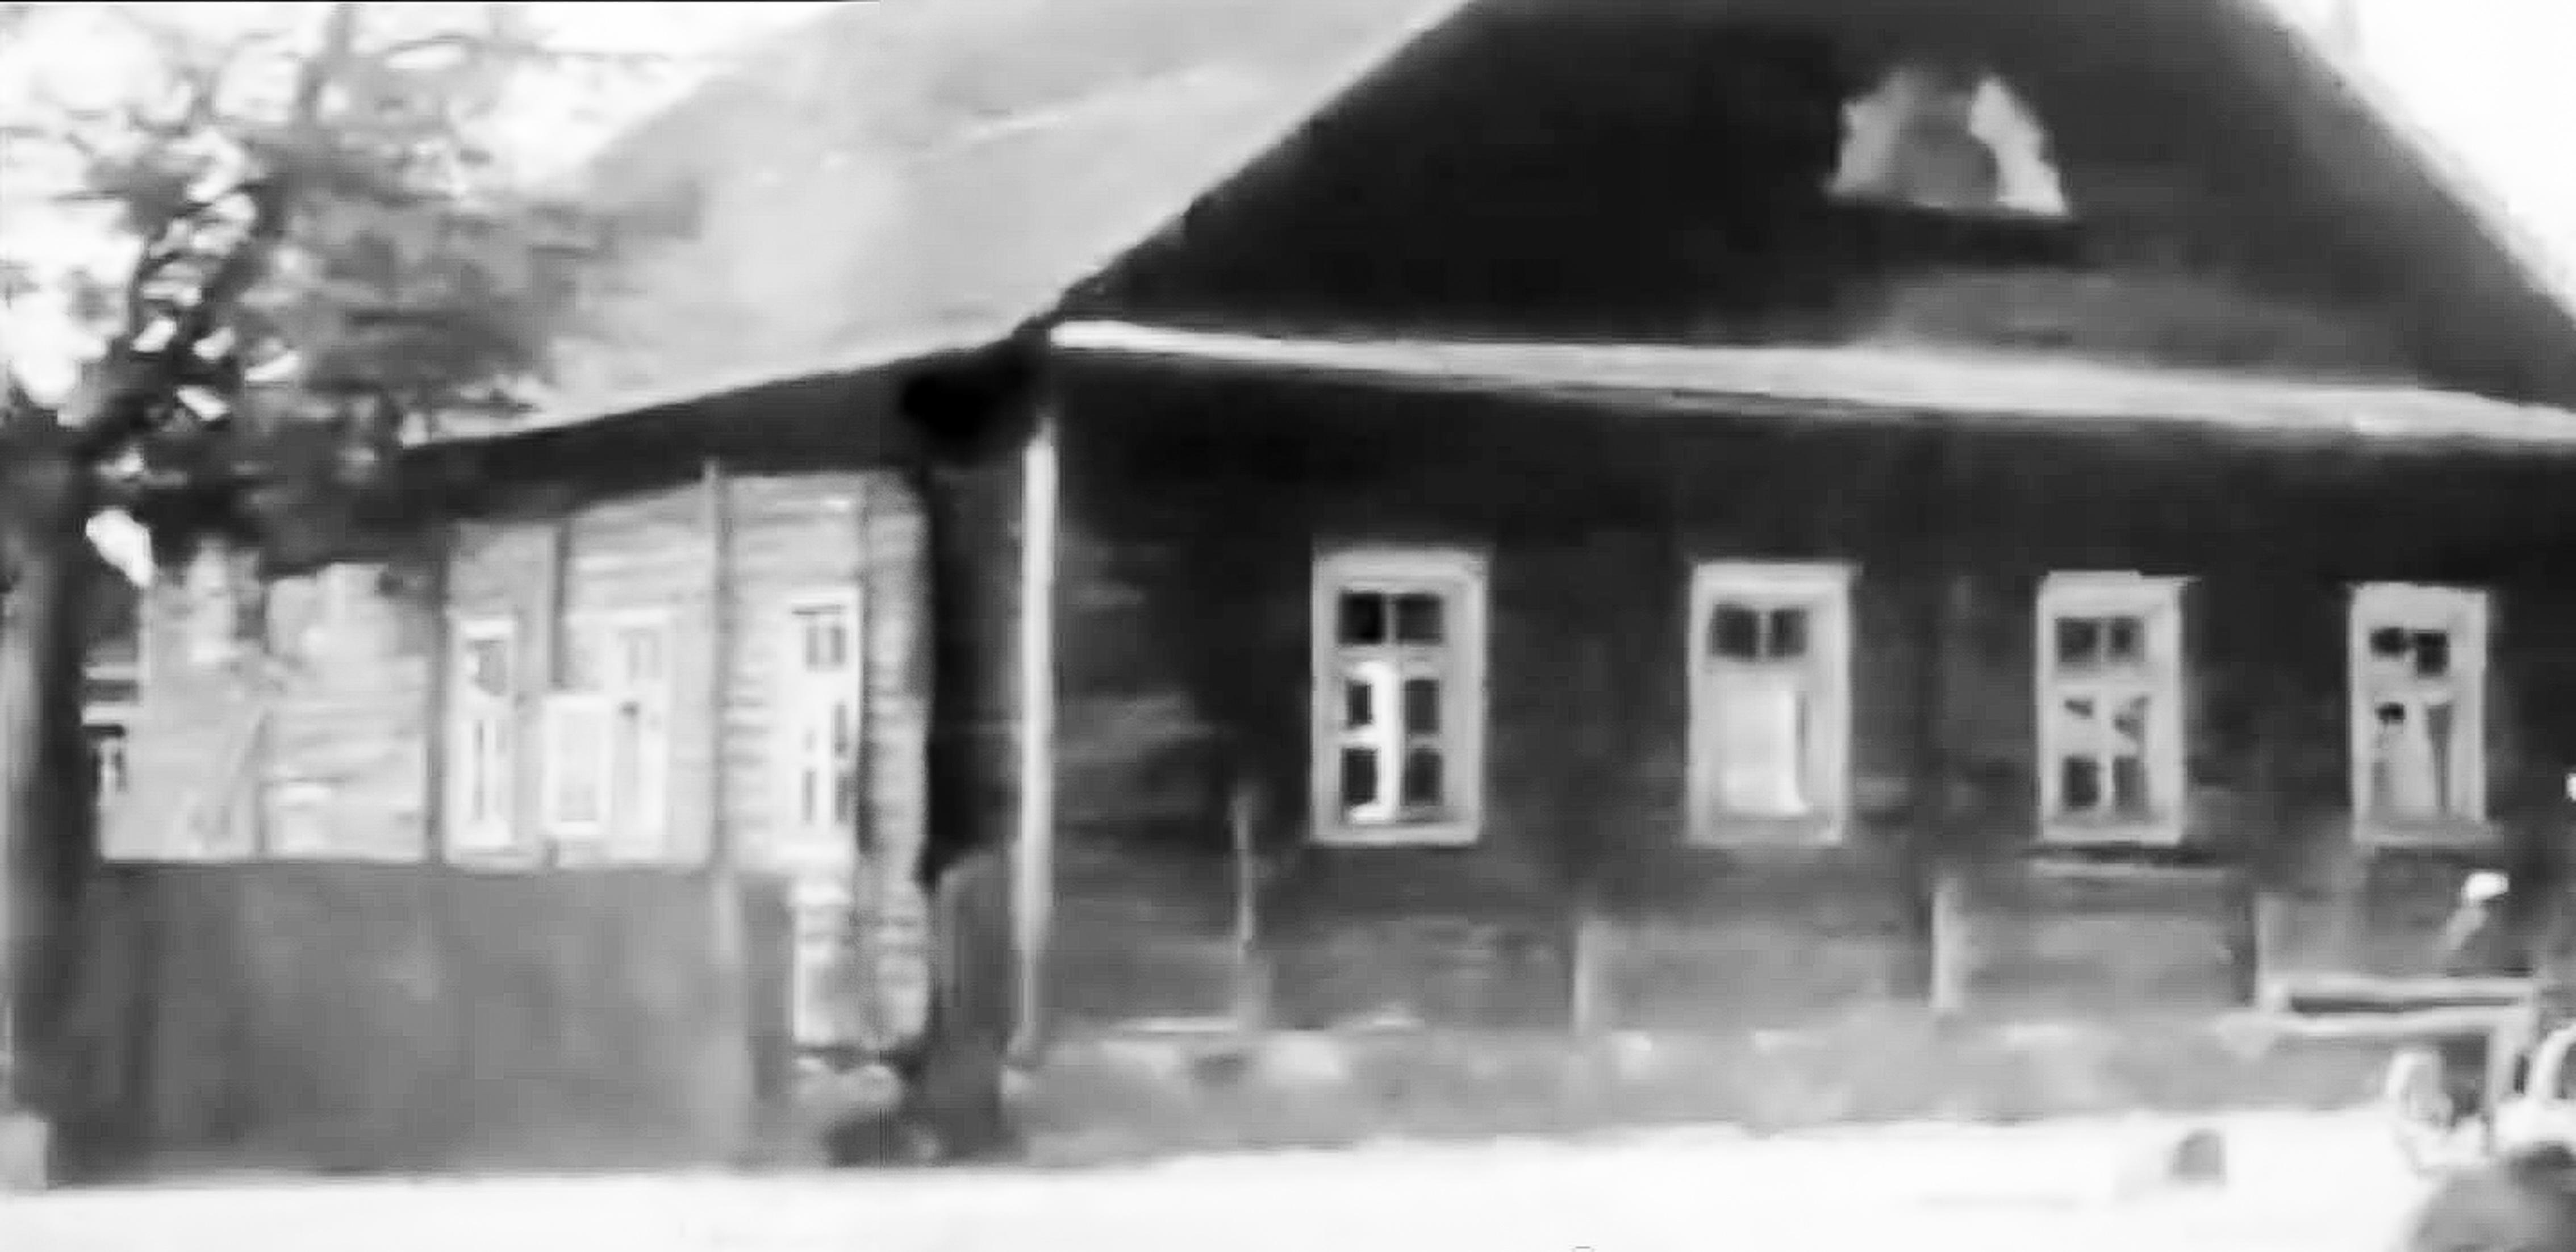 """Rokiškio didžioji sinagoga, vadinta Raudonąja. Iškarpa iš filmo """"Trip to Lithuania"""", 1938 metai."""